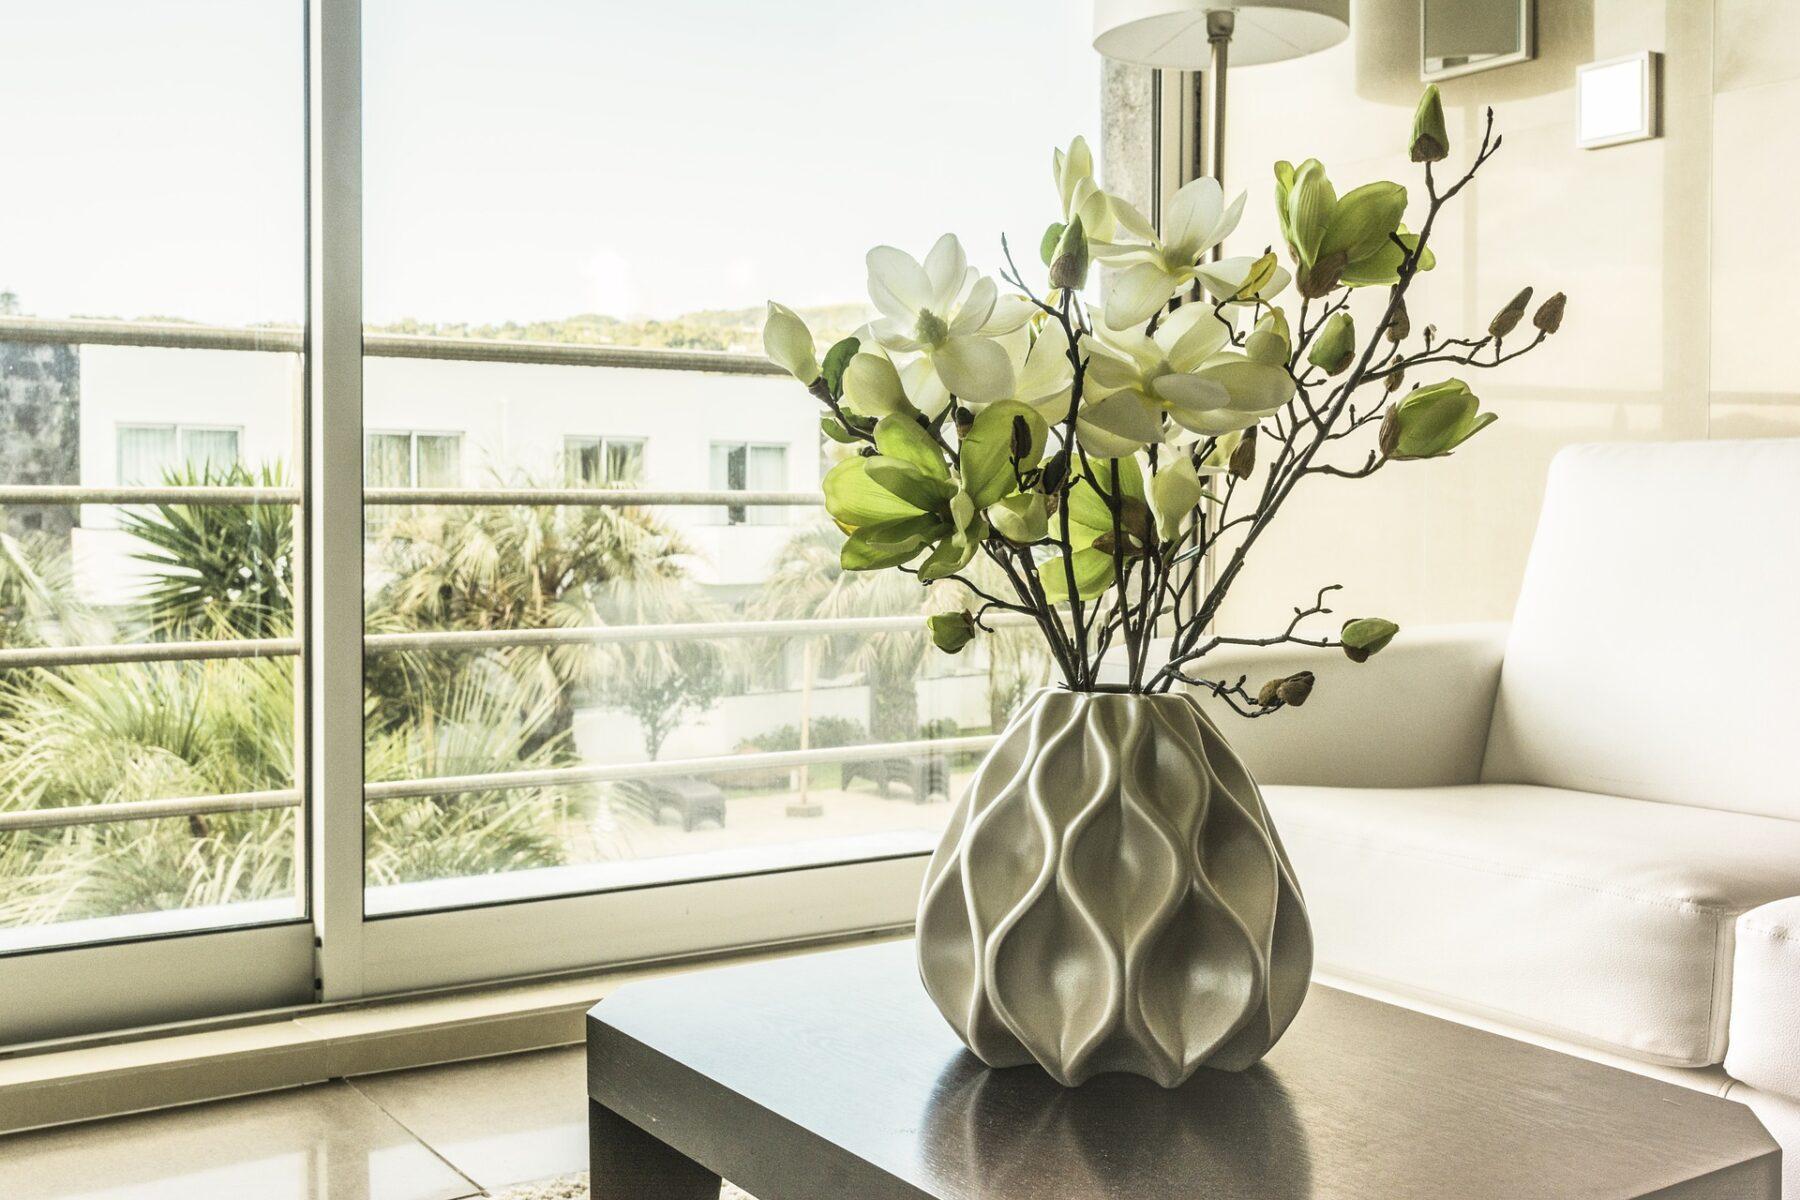 Kāpēc dzīvoklī nepieciešami augi?